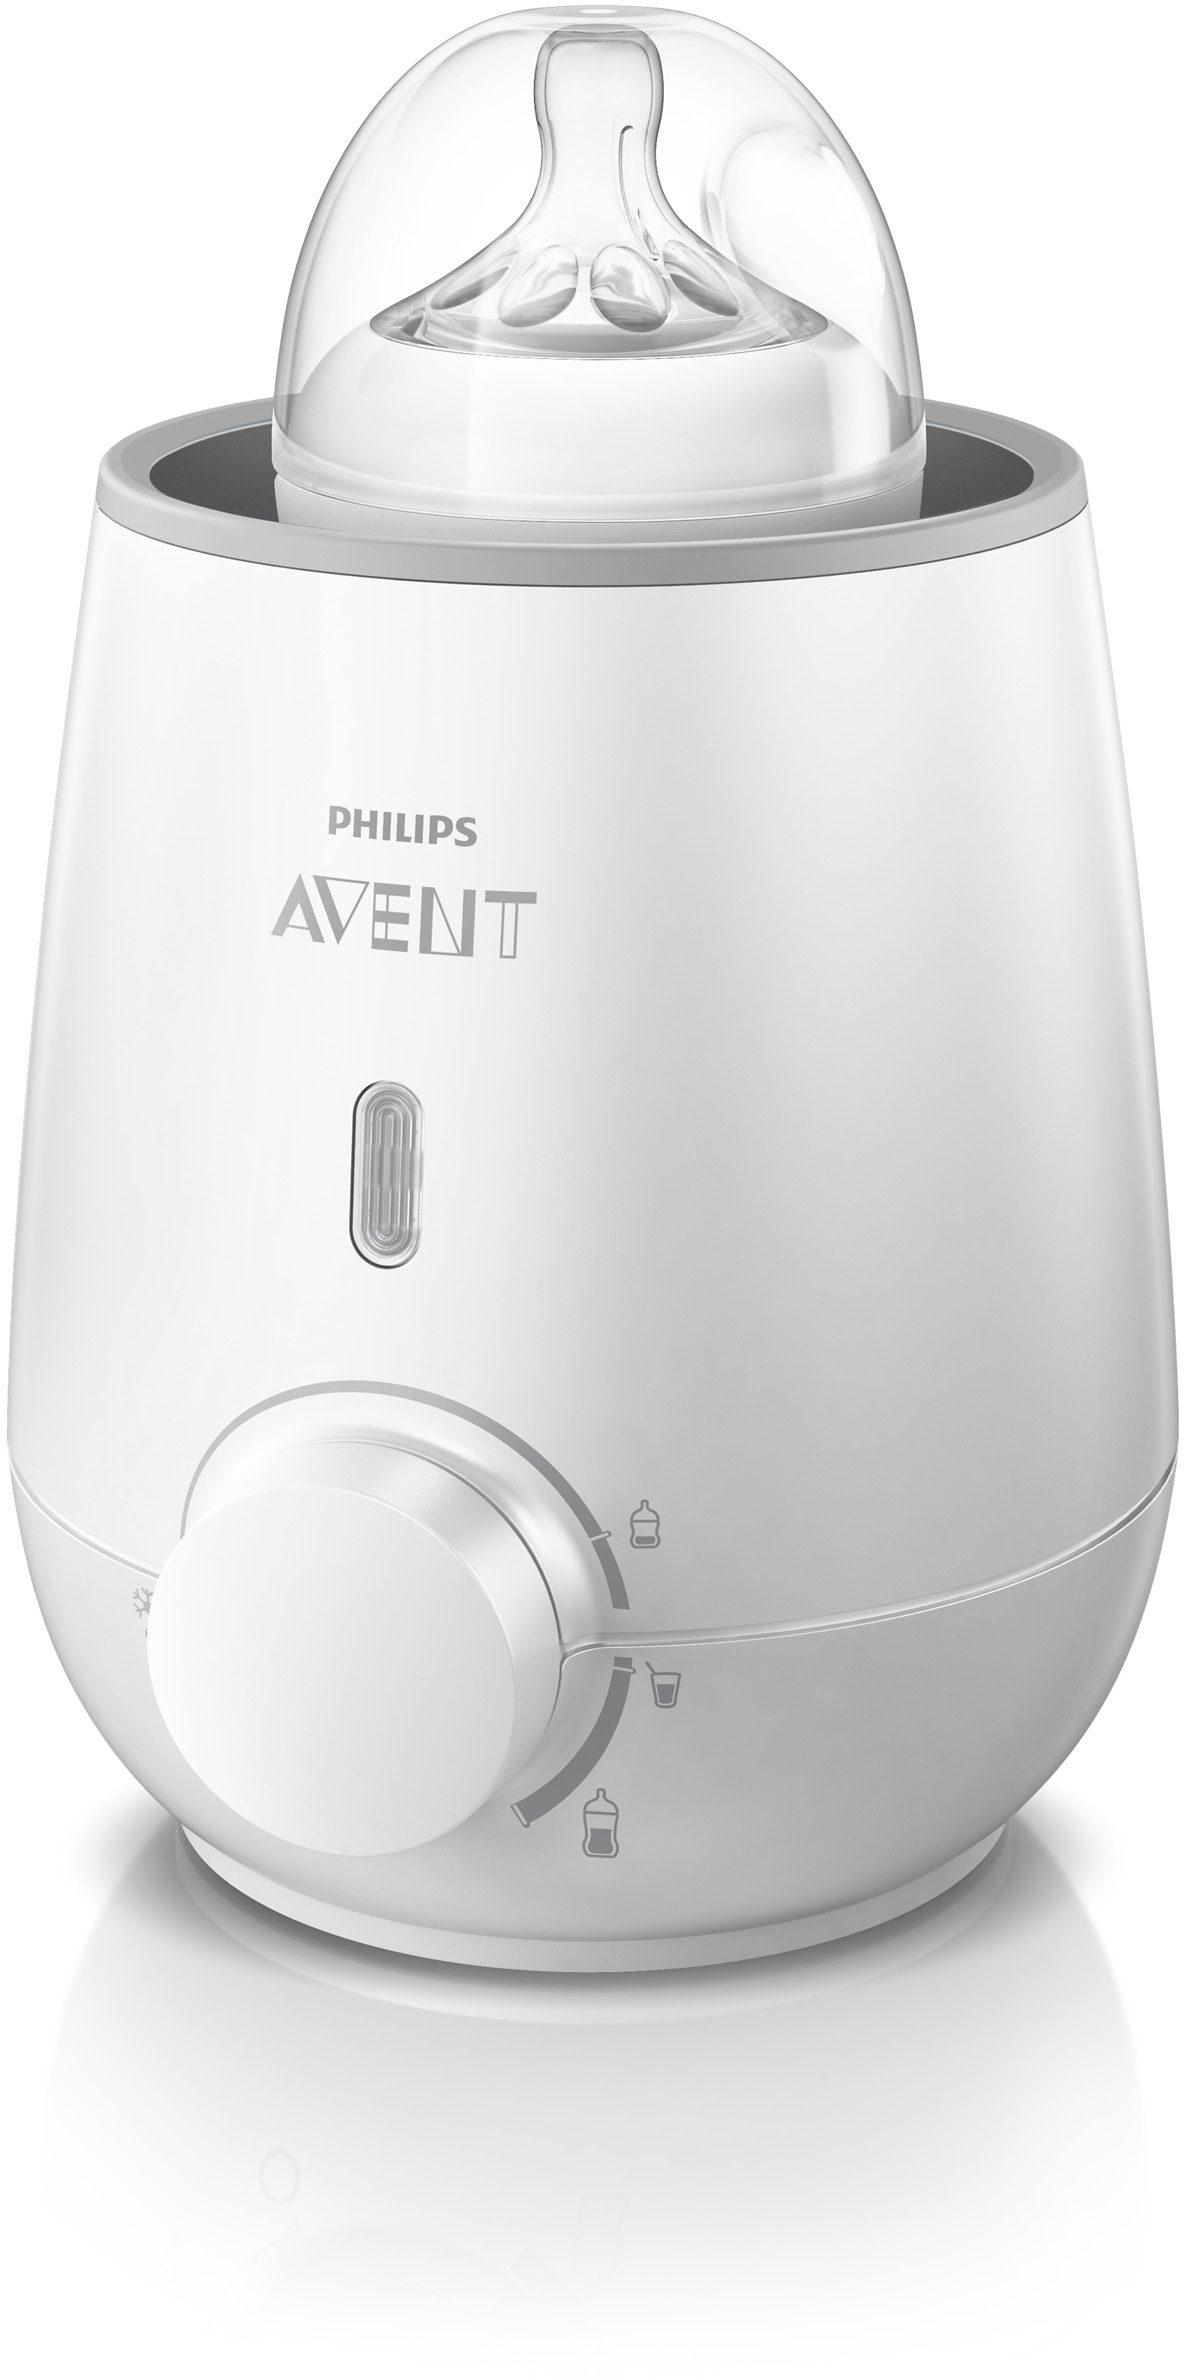 Philips Avent Fläschchen- und Babykostwärmer SCF355/00, weiß